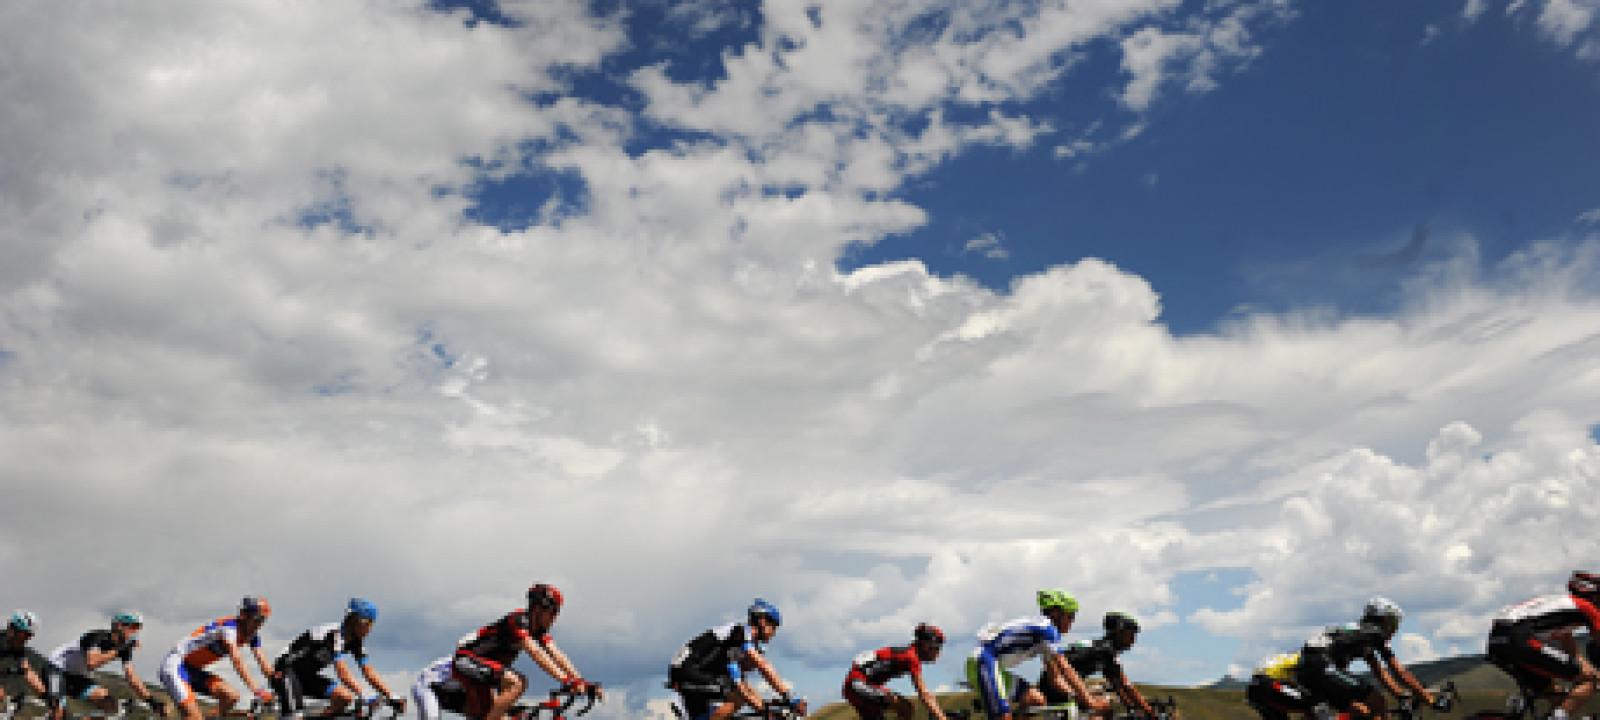 460x300_biking_bigsky